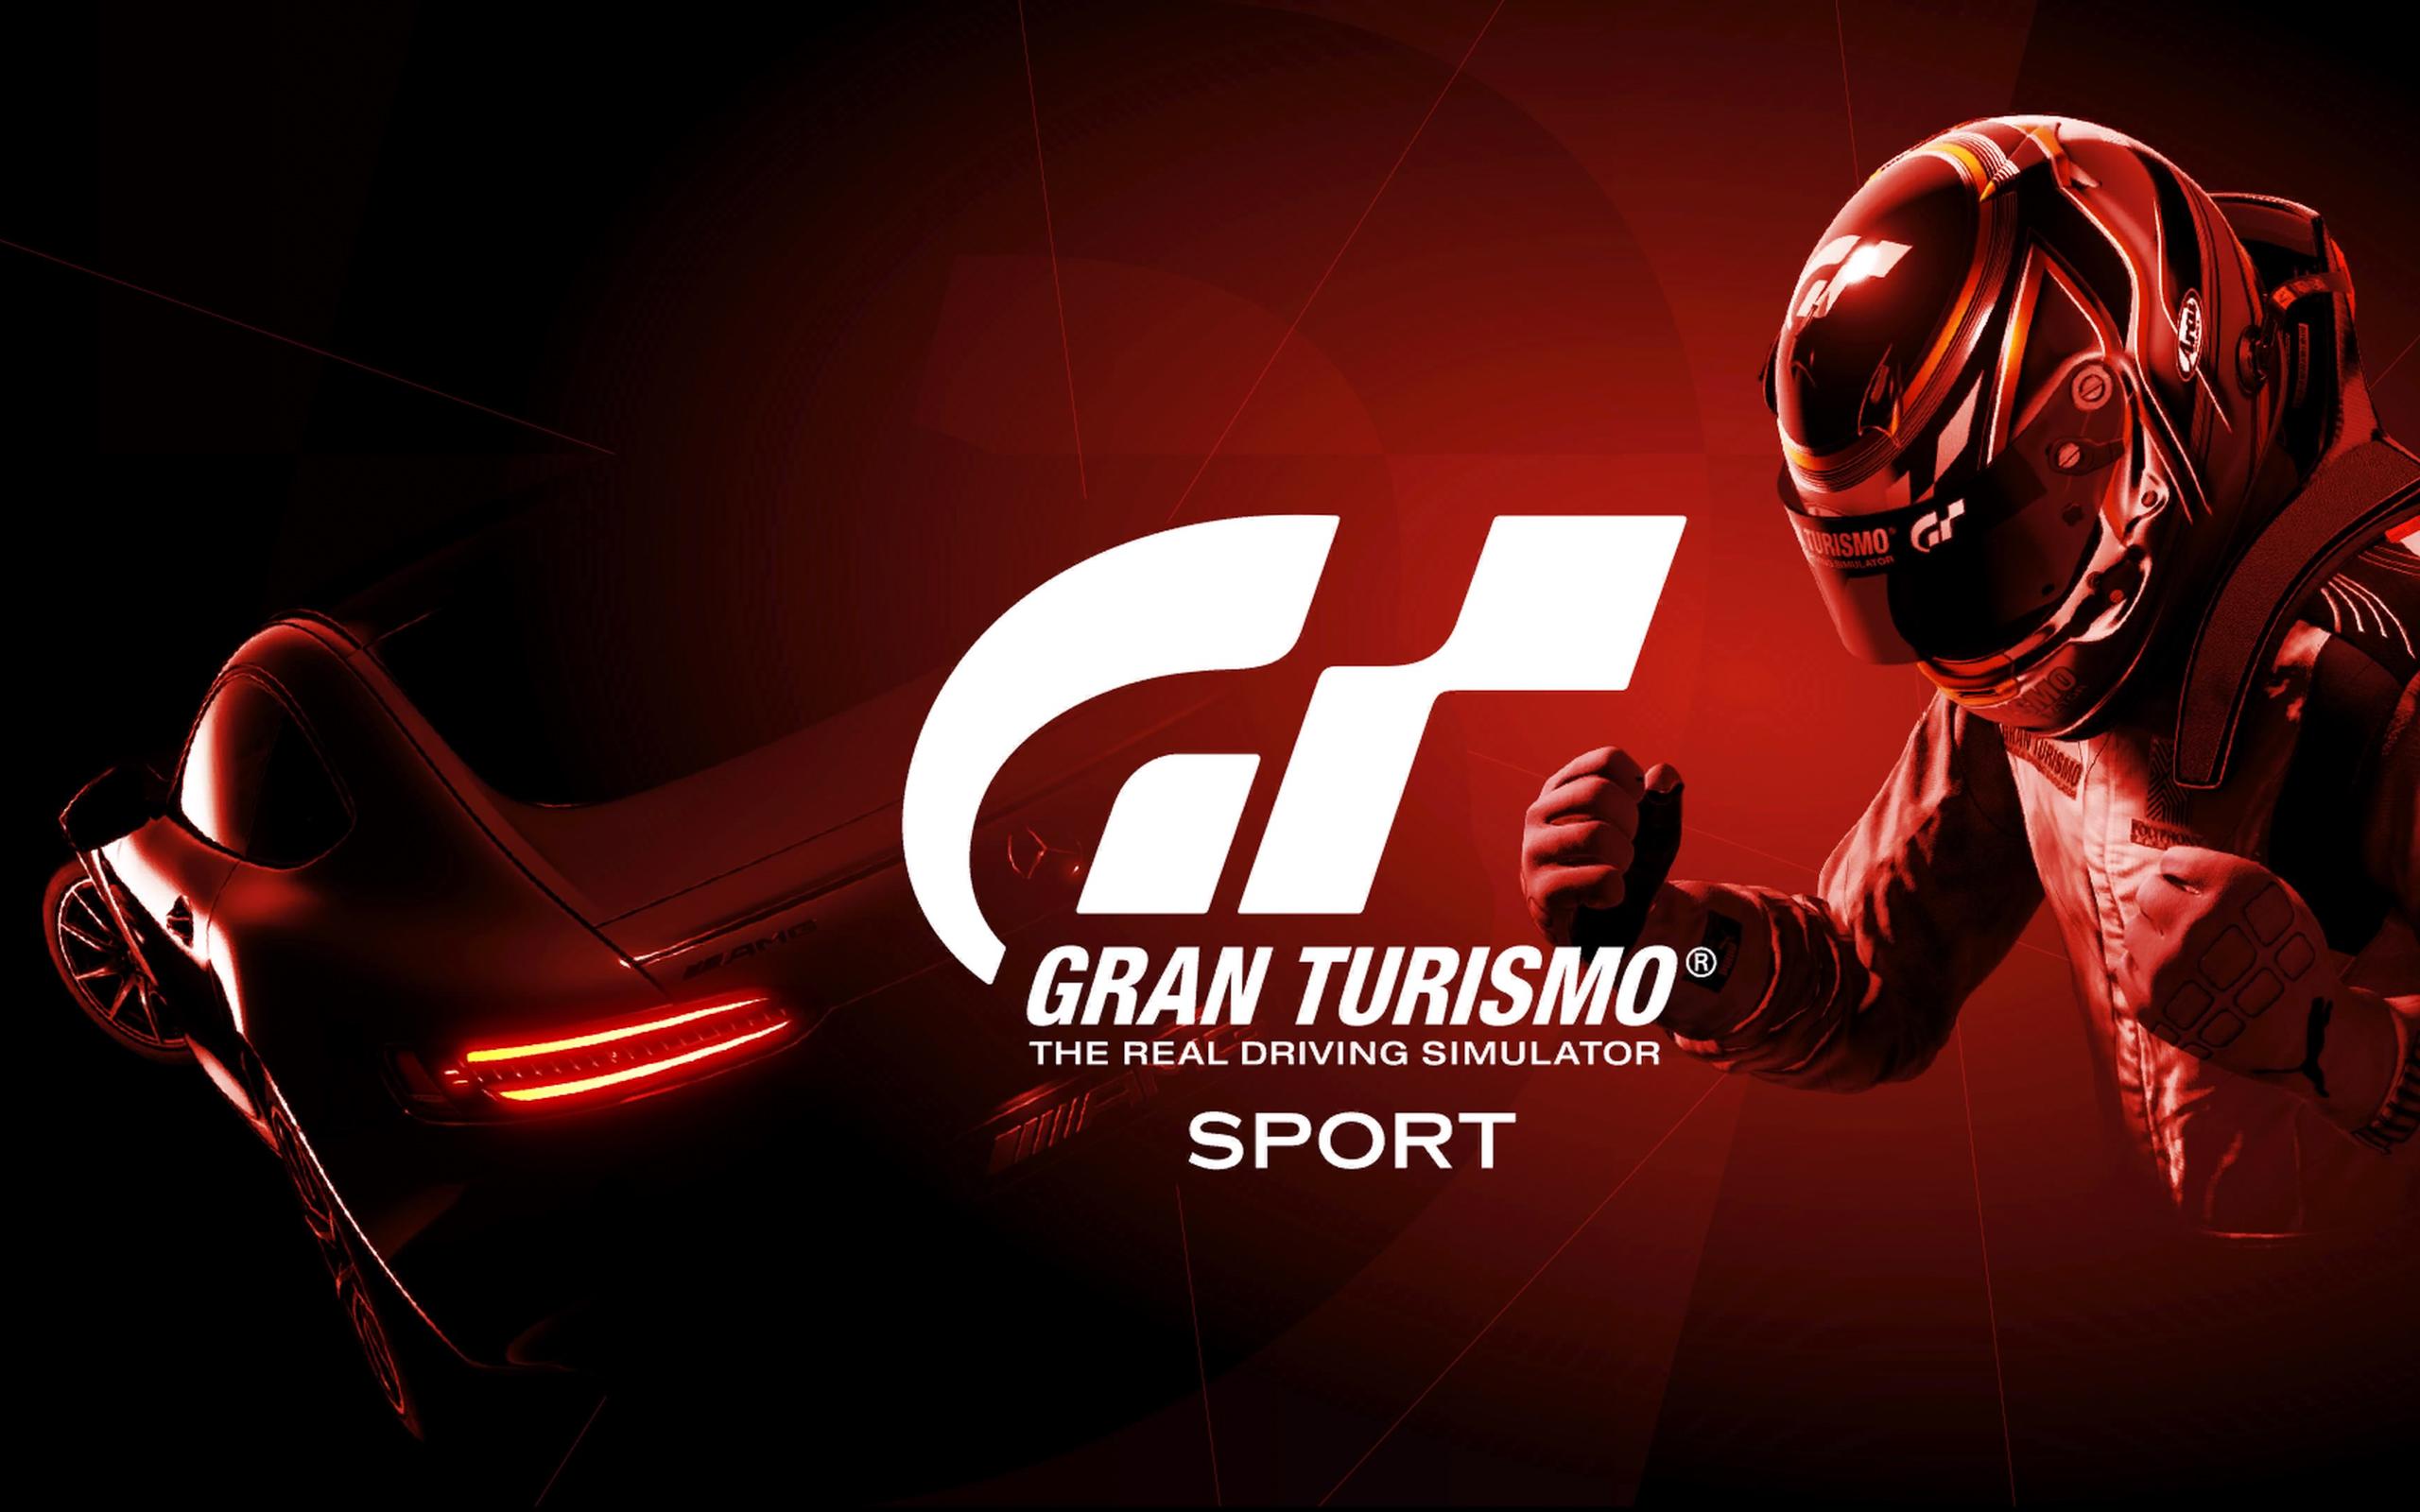 supreme sport | Обои в стиле nike, Обои для телефона, Фоны для iphone | 1600x2560